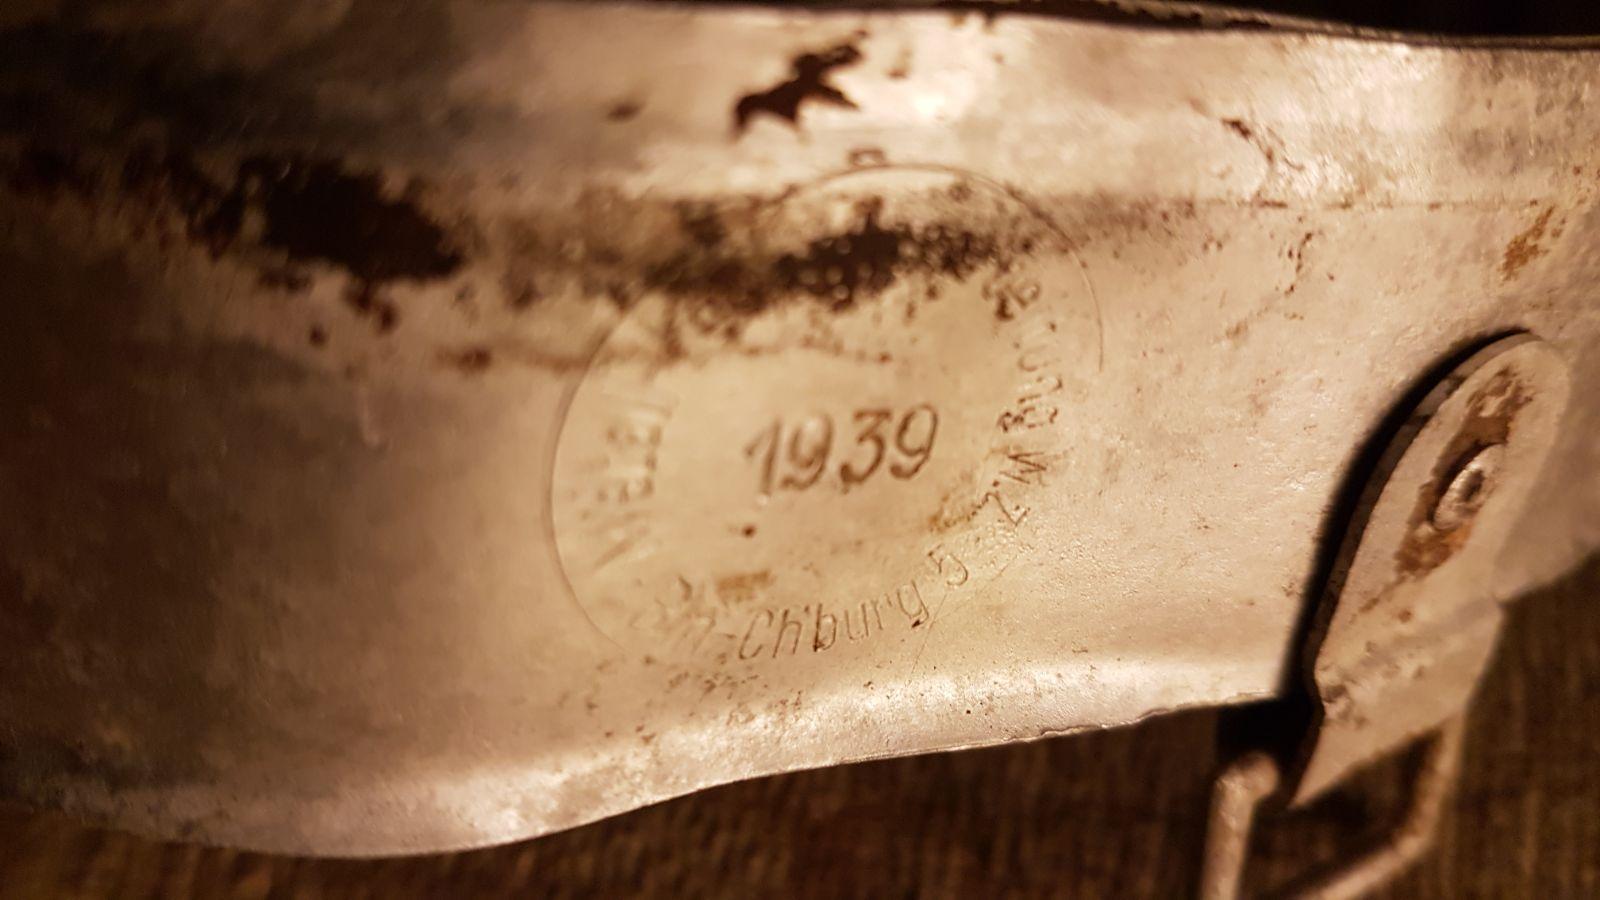 Binnenwerk Duitse helm 1939 metaaldetector vondst Metall-Lederverarbeitung W.Z. Bln Ch'burg 5